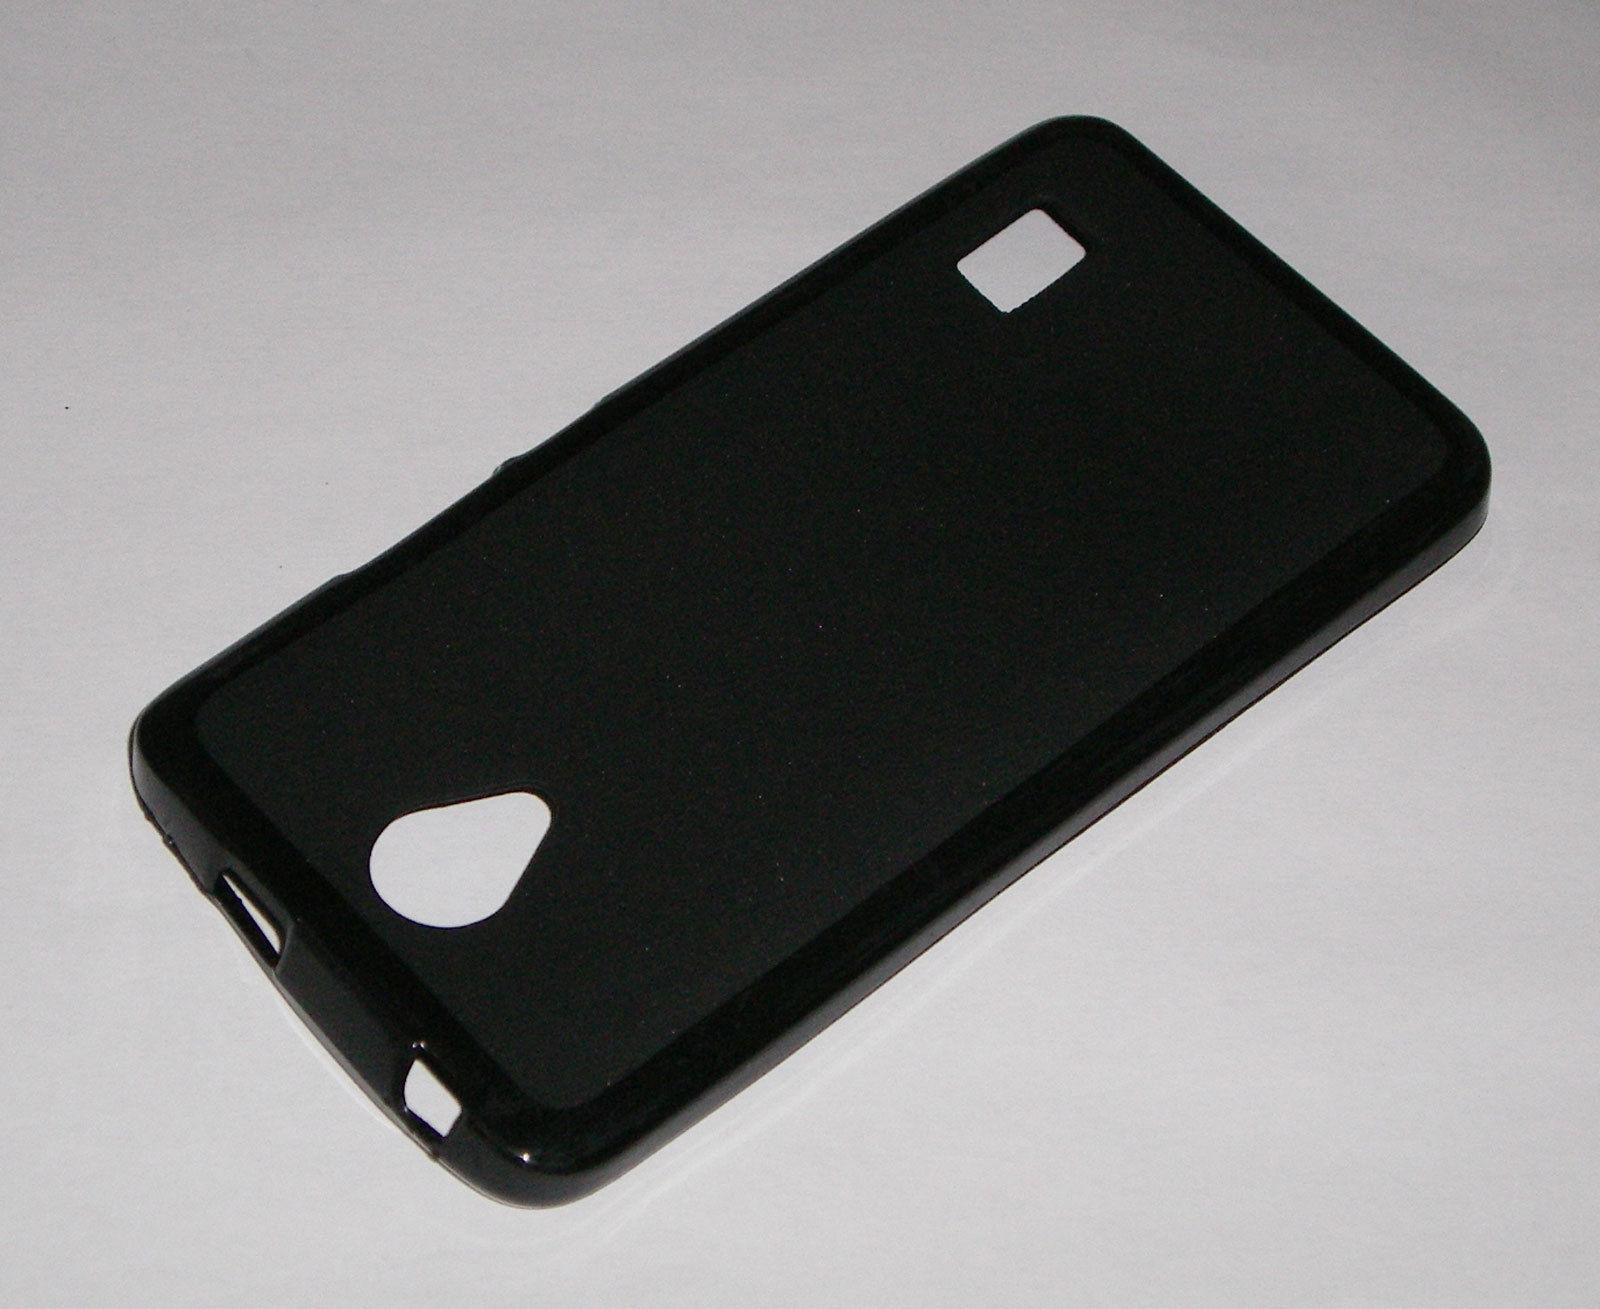 Pouzdro pro Huawei Y635 černé